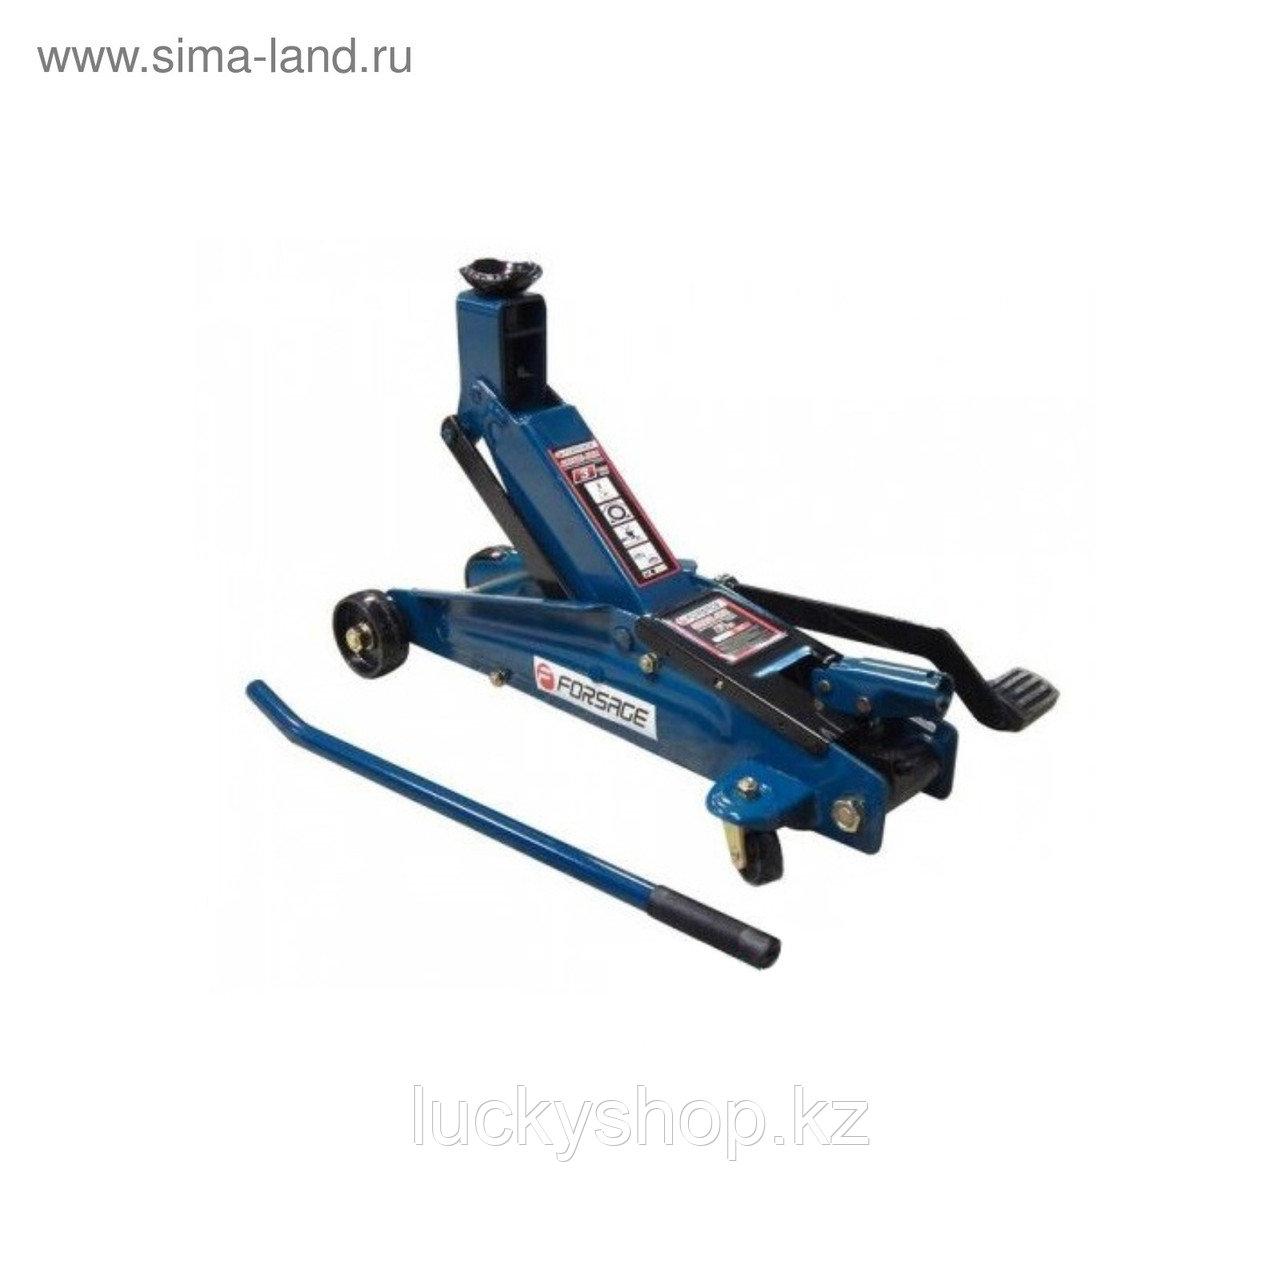 Домкрат подкатной Forsage F-T82257, гидравл., механизм быстрого подъема, 3т, 190-540 мм